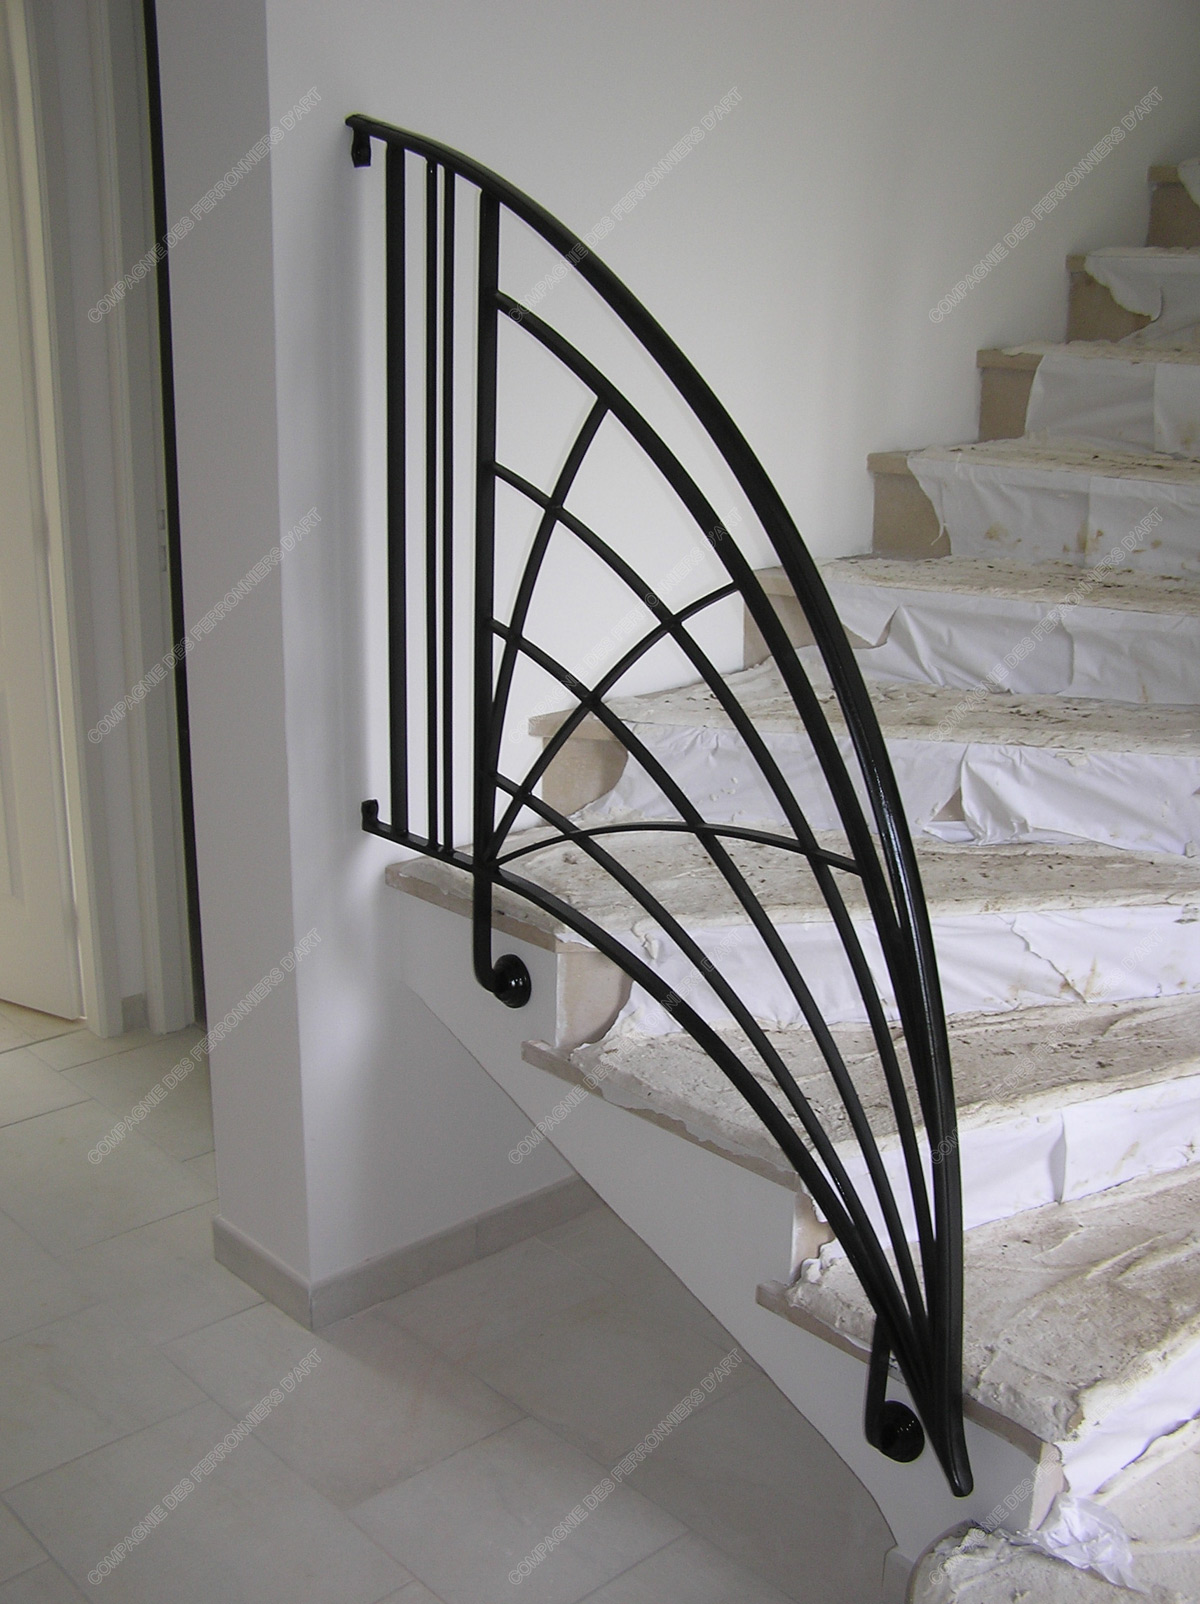 rampes d u0026 39 escalier en fer forg u00e9 art d u00e9coratif   mod u00e8le soleil crois u00e9